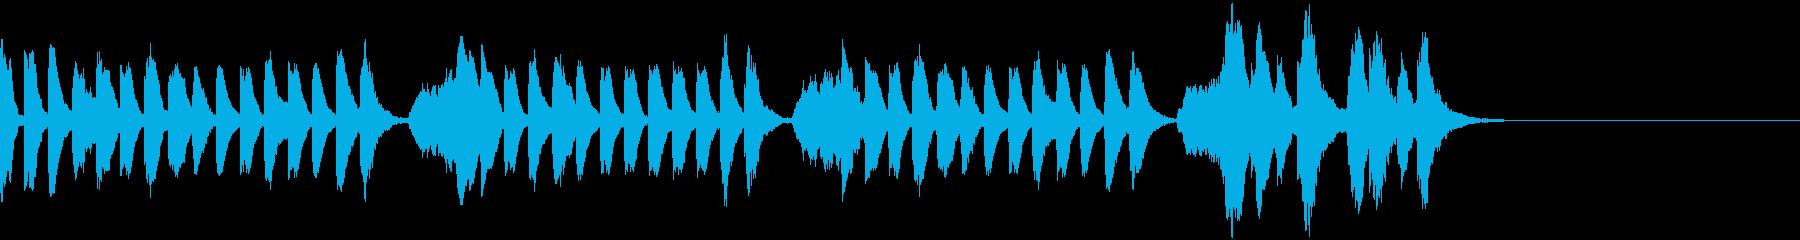 ほのぼのとしたピアノとストリングスの再生済みの波形